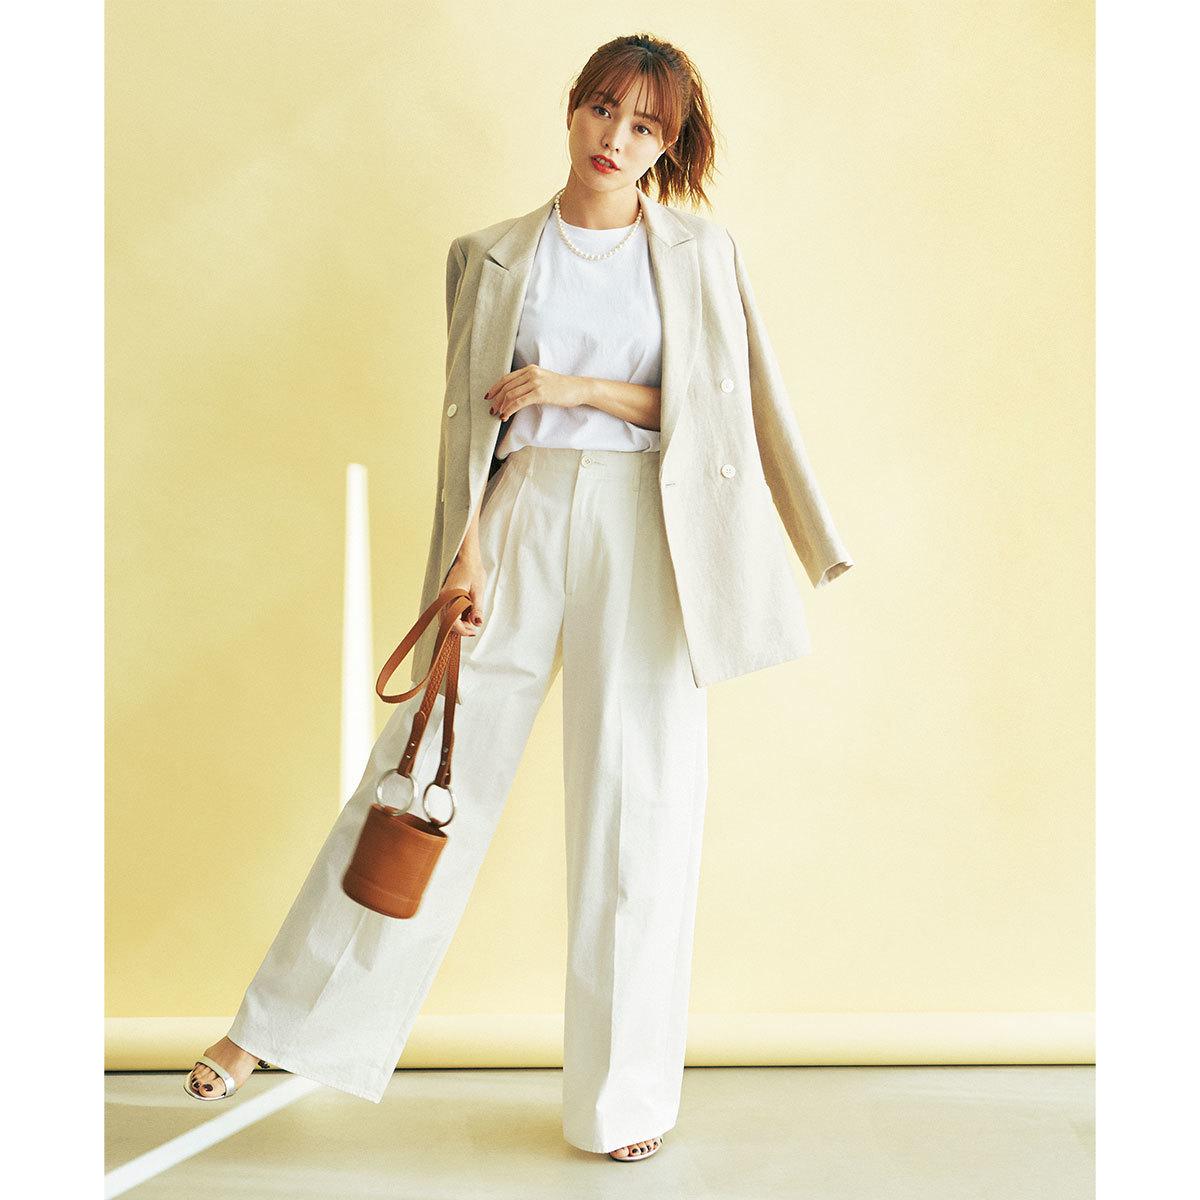 40代が輝く、大人のための上品カジュアルなTシャツコーデカタログ | アラフォーファッション_1_5